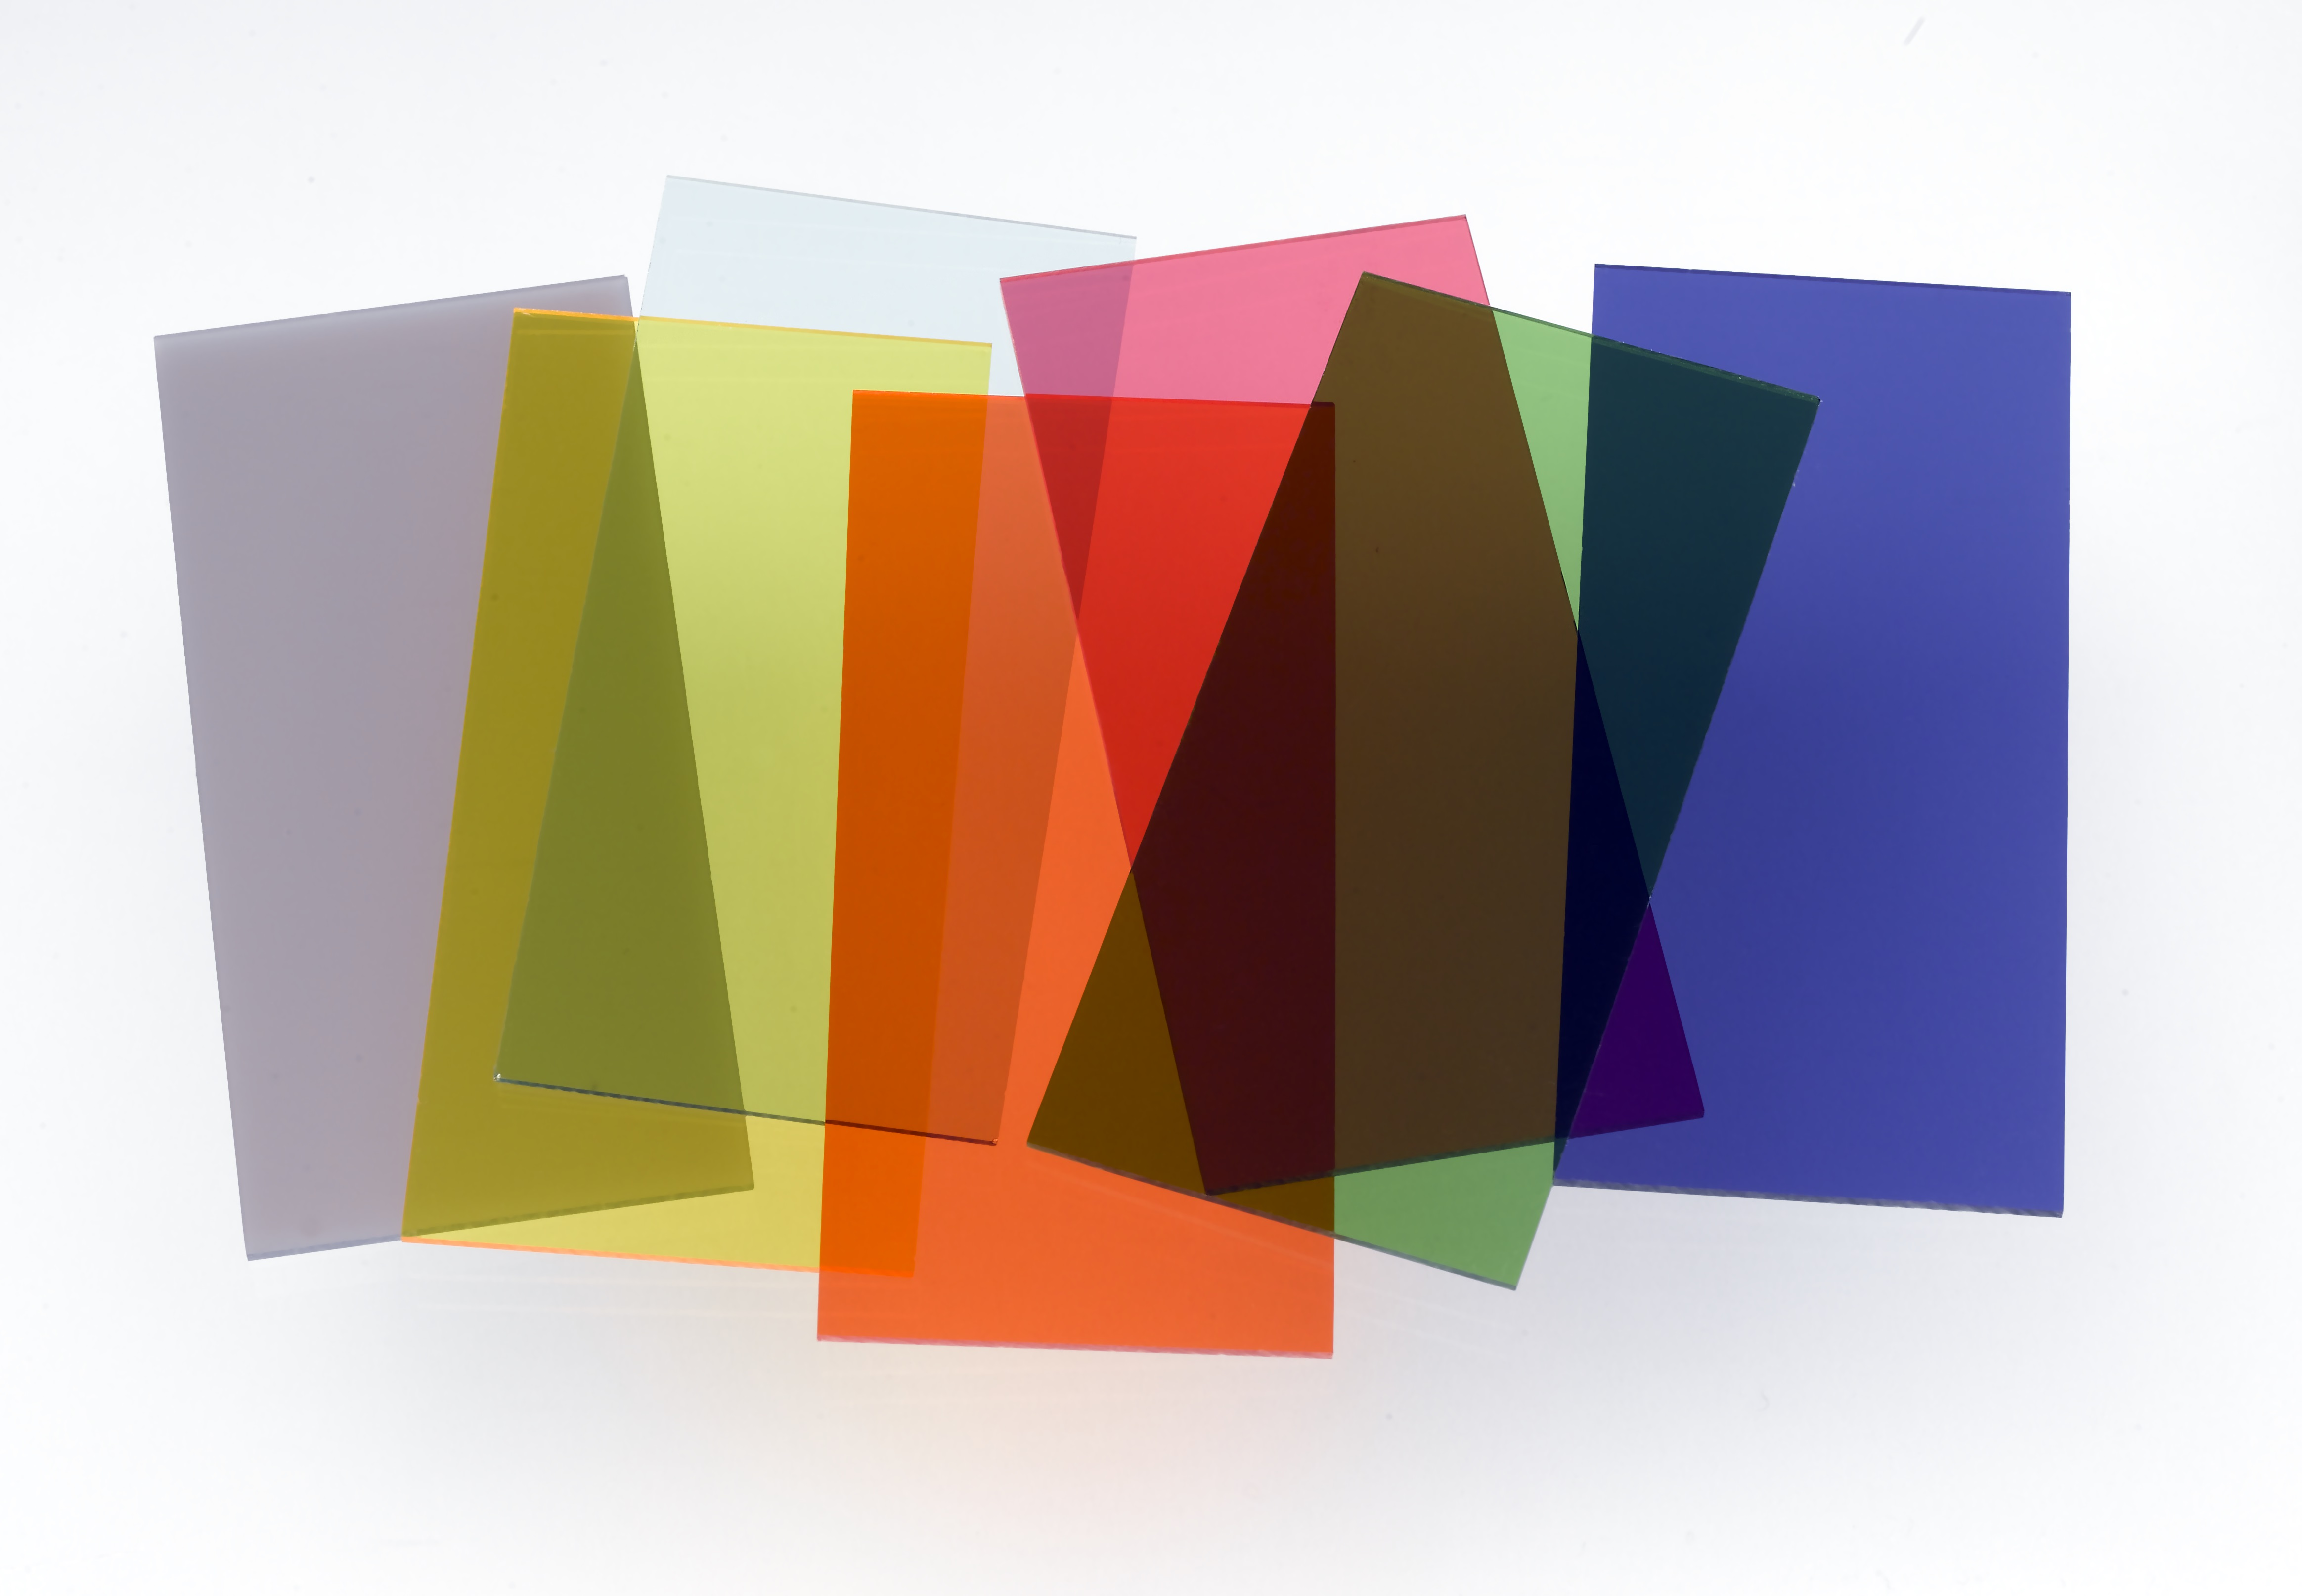 Tintade fönster